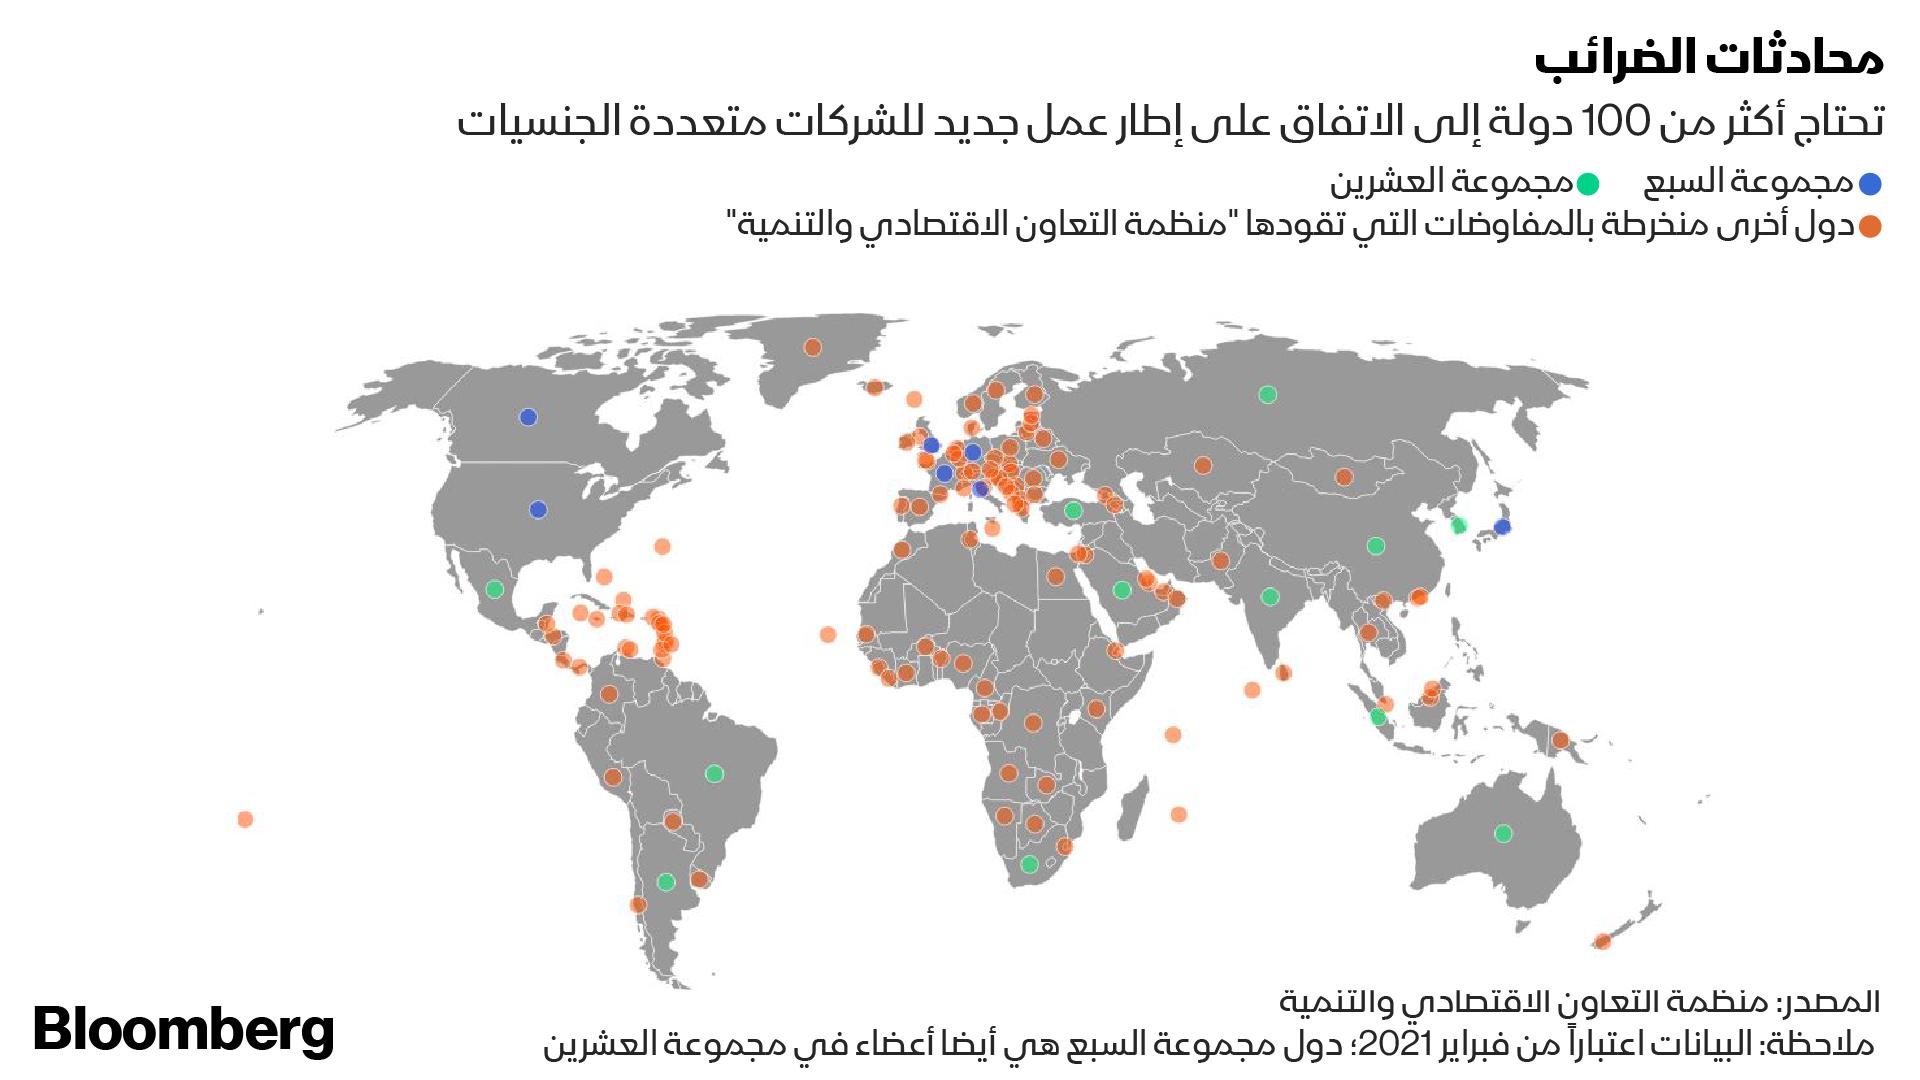 إطار عمل لمحادثات الضرائب في الدول الكبري